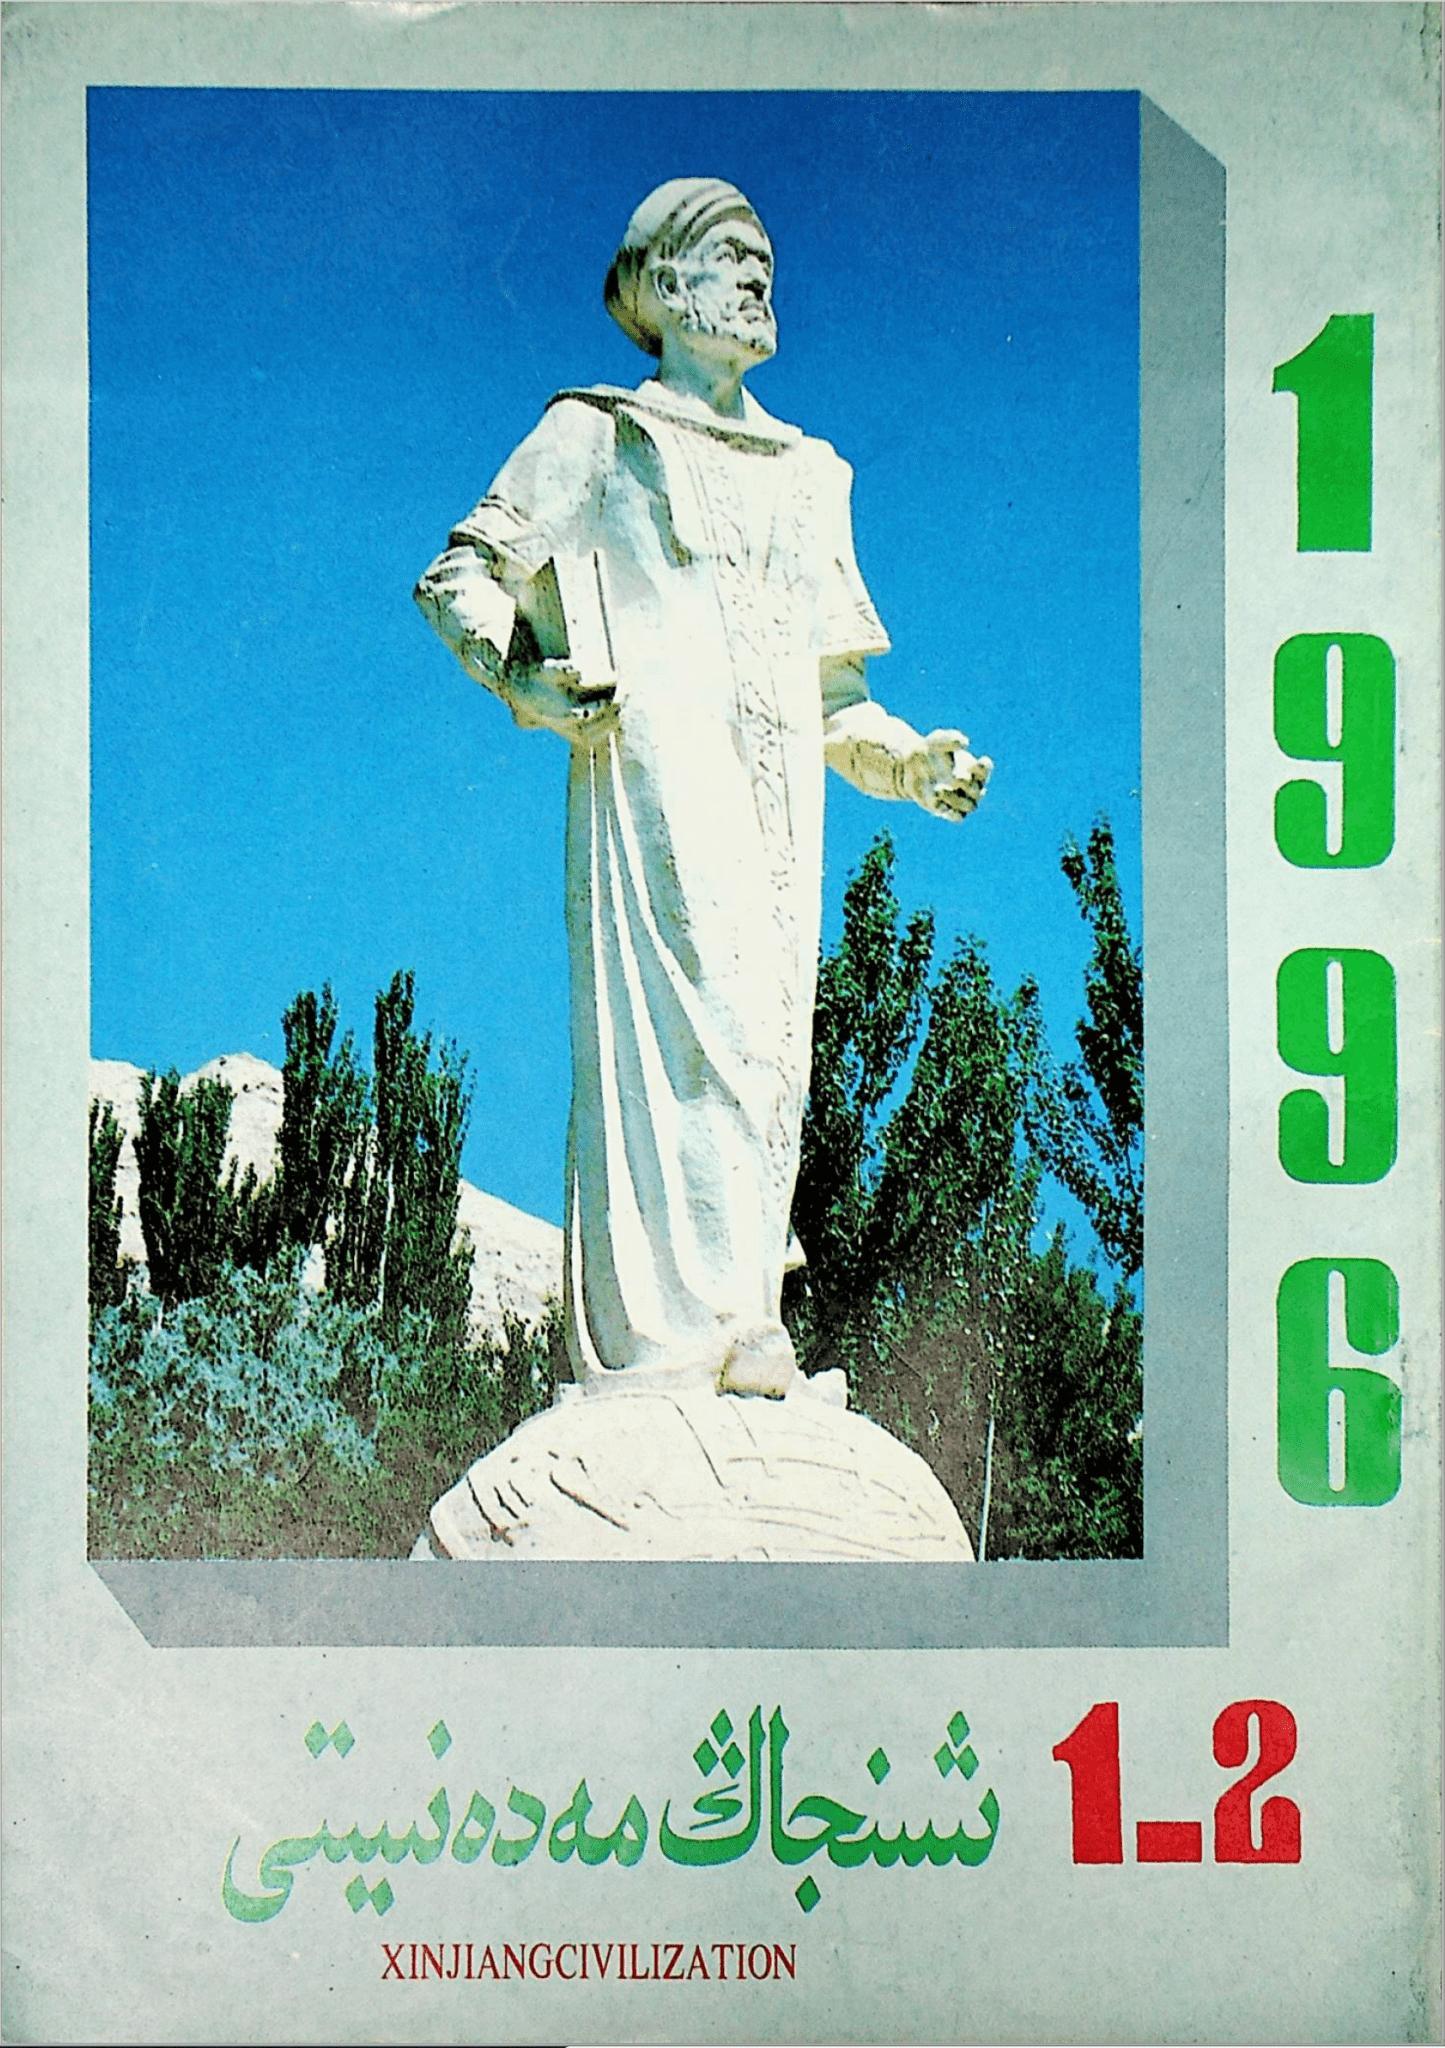 شىنجاڭ مەدەنىيىتى 1996-يىلى 1-2 -سان, ئېلكىتاب تورى